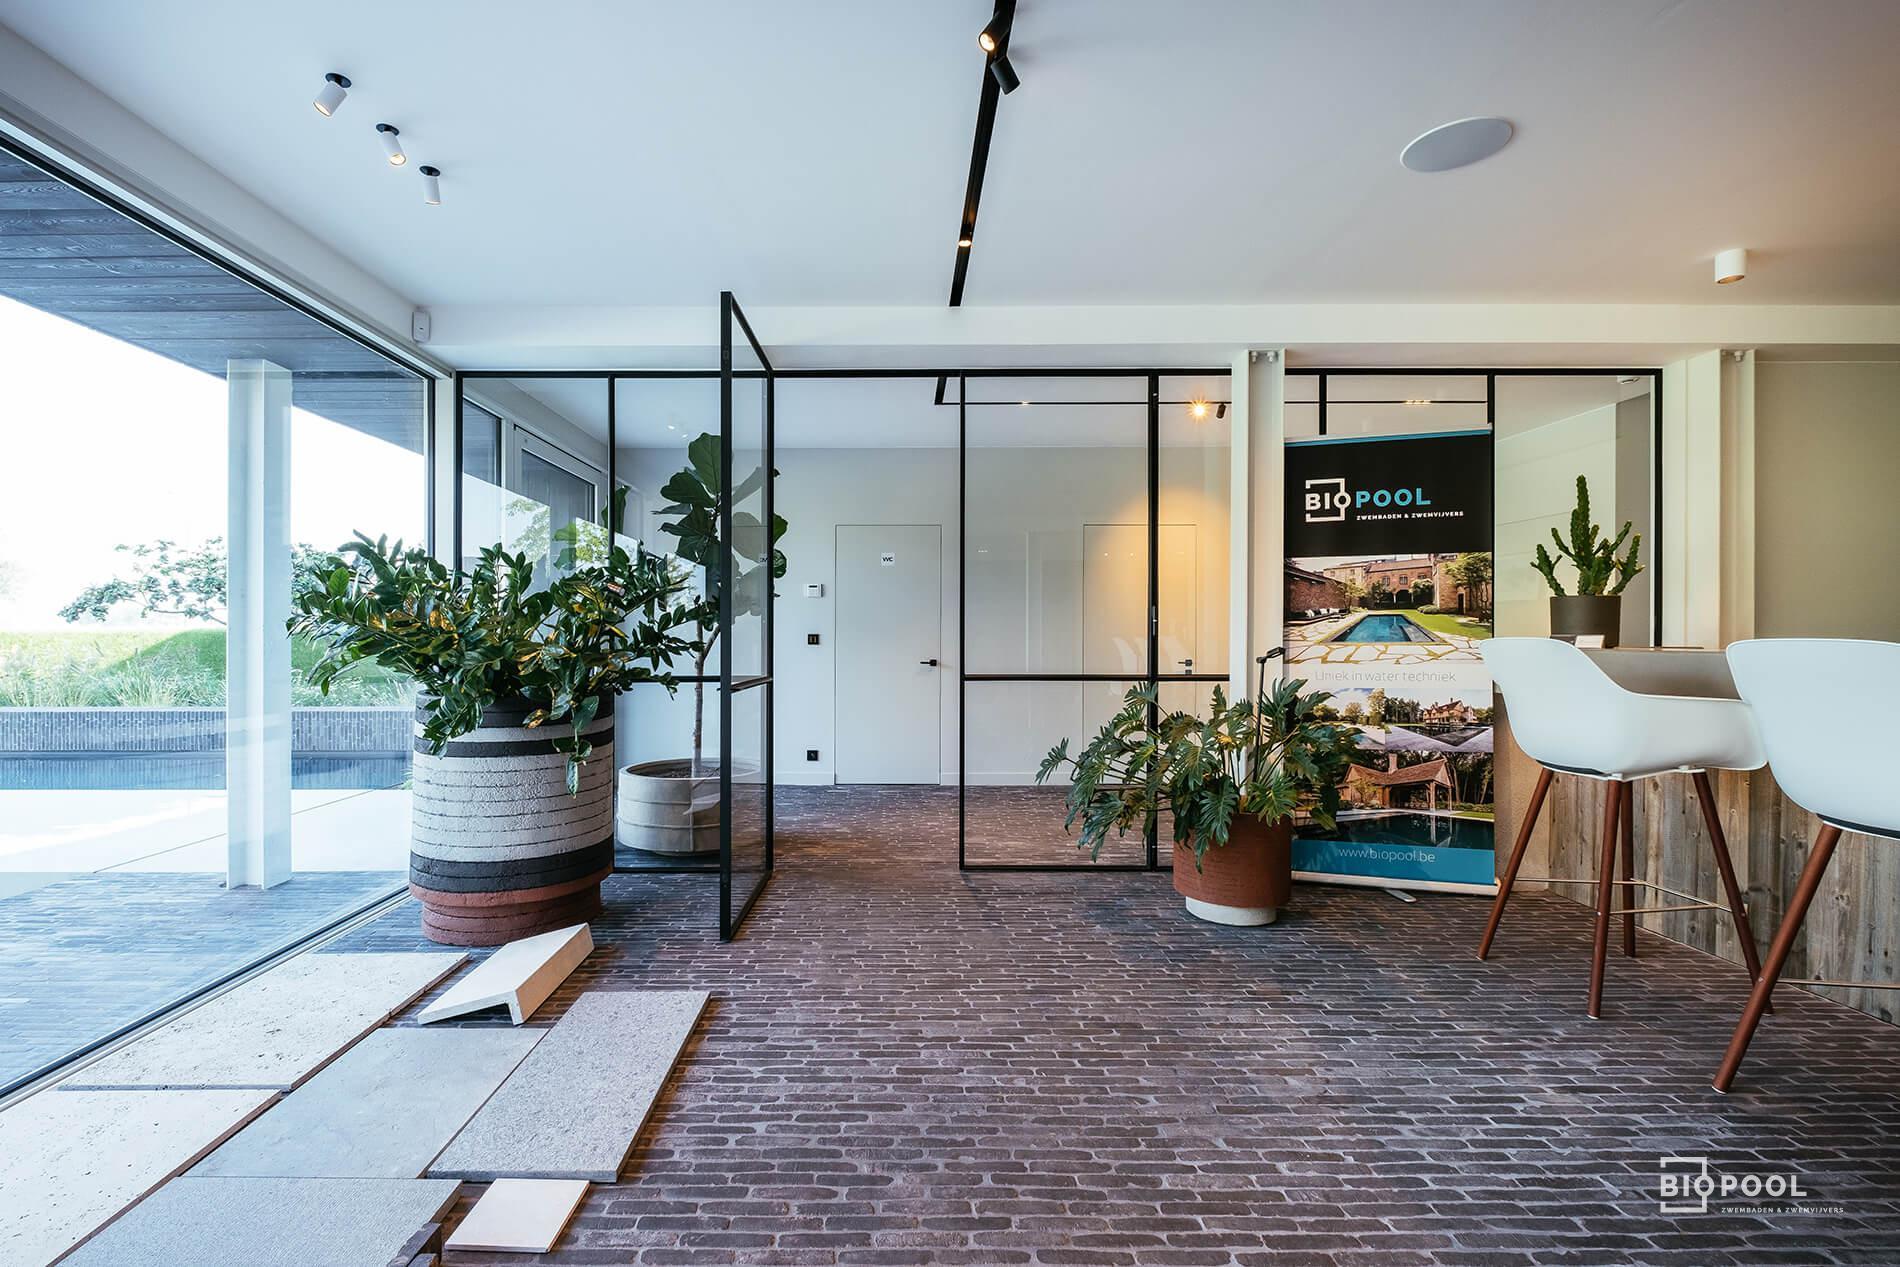 Afbeelding nieuwsitem Opening nieuw bedrijfsgebouw – Okt. 2019